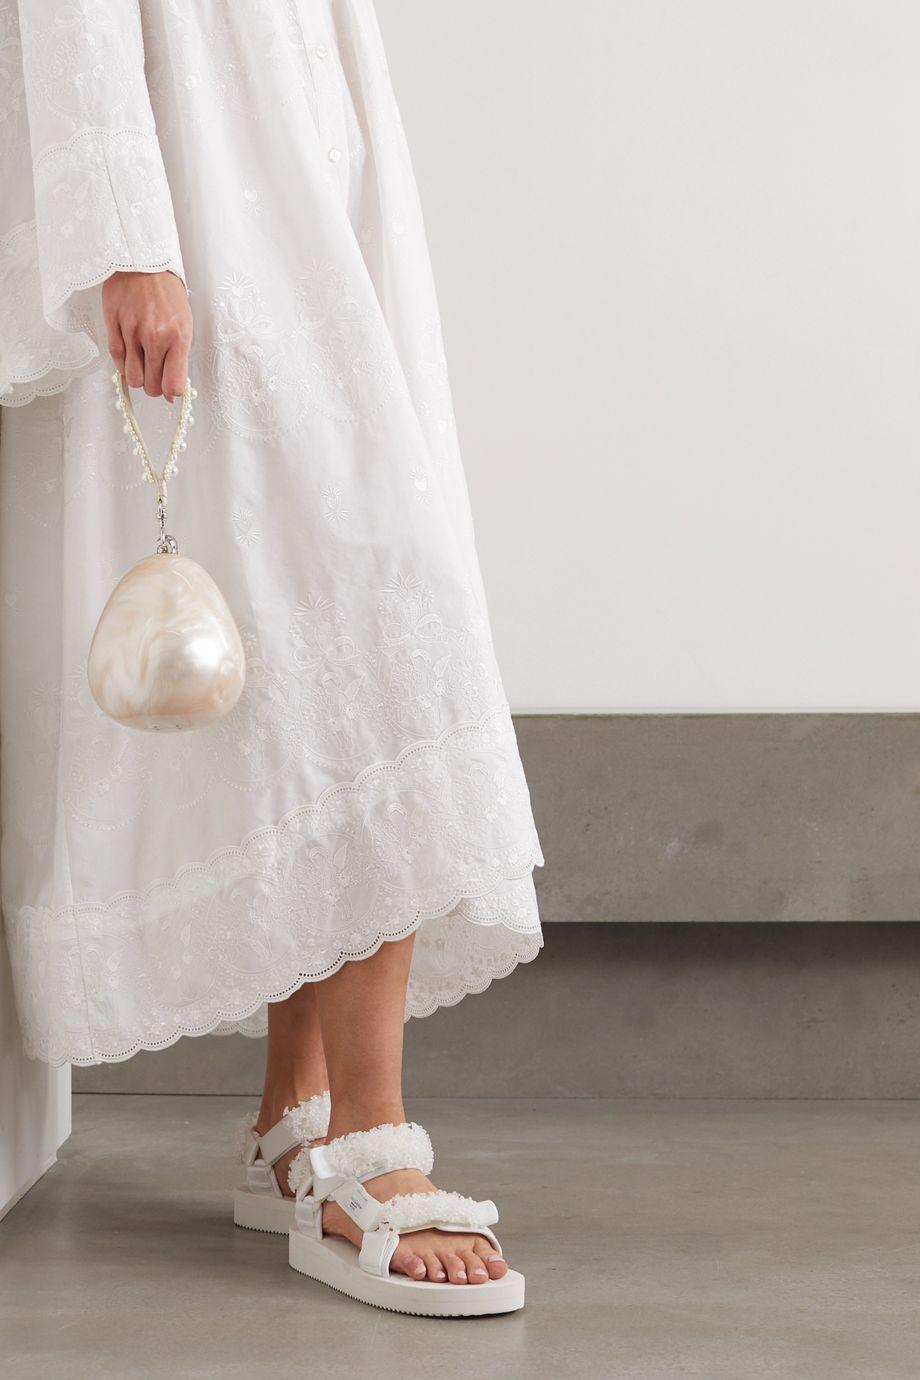 Simone Rocha Sac à main en acrylique marbré à perles synthétiques